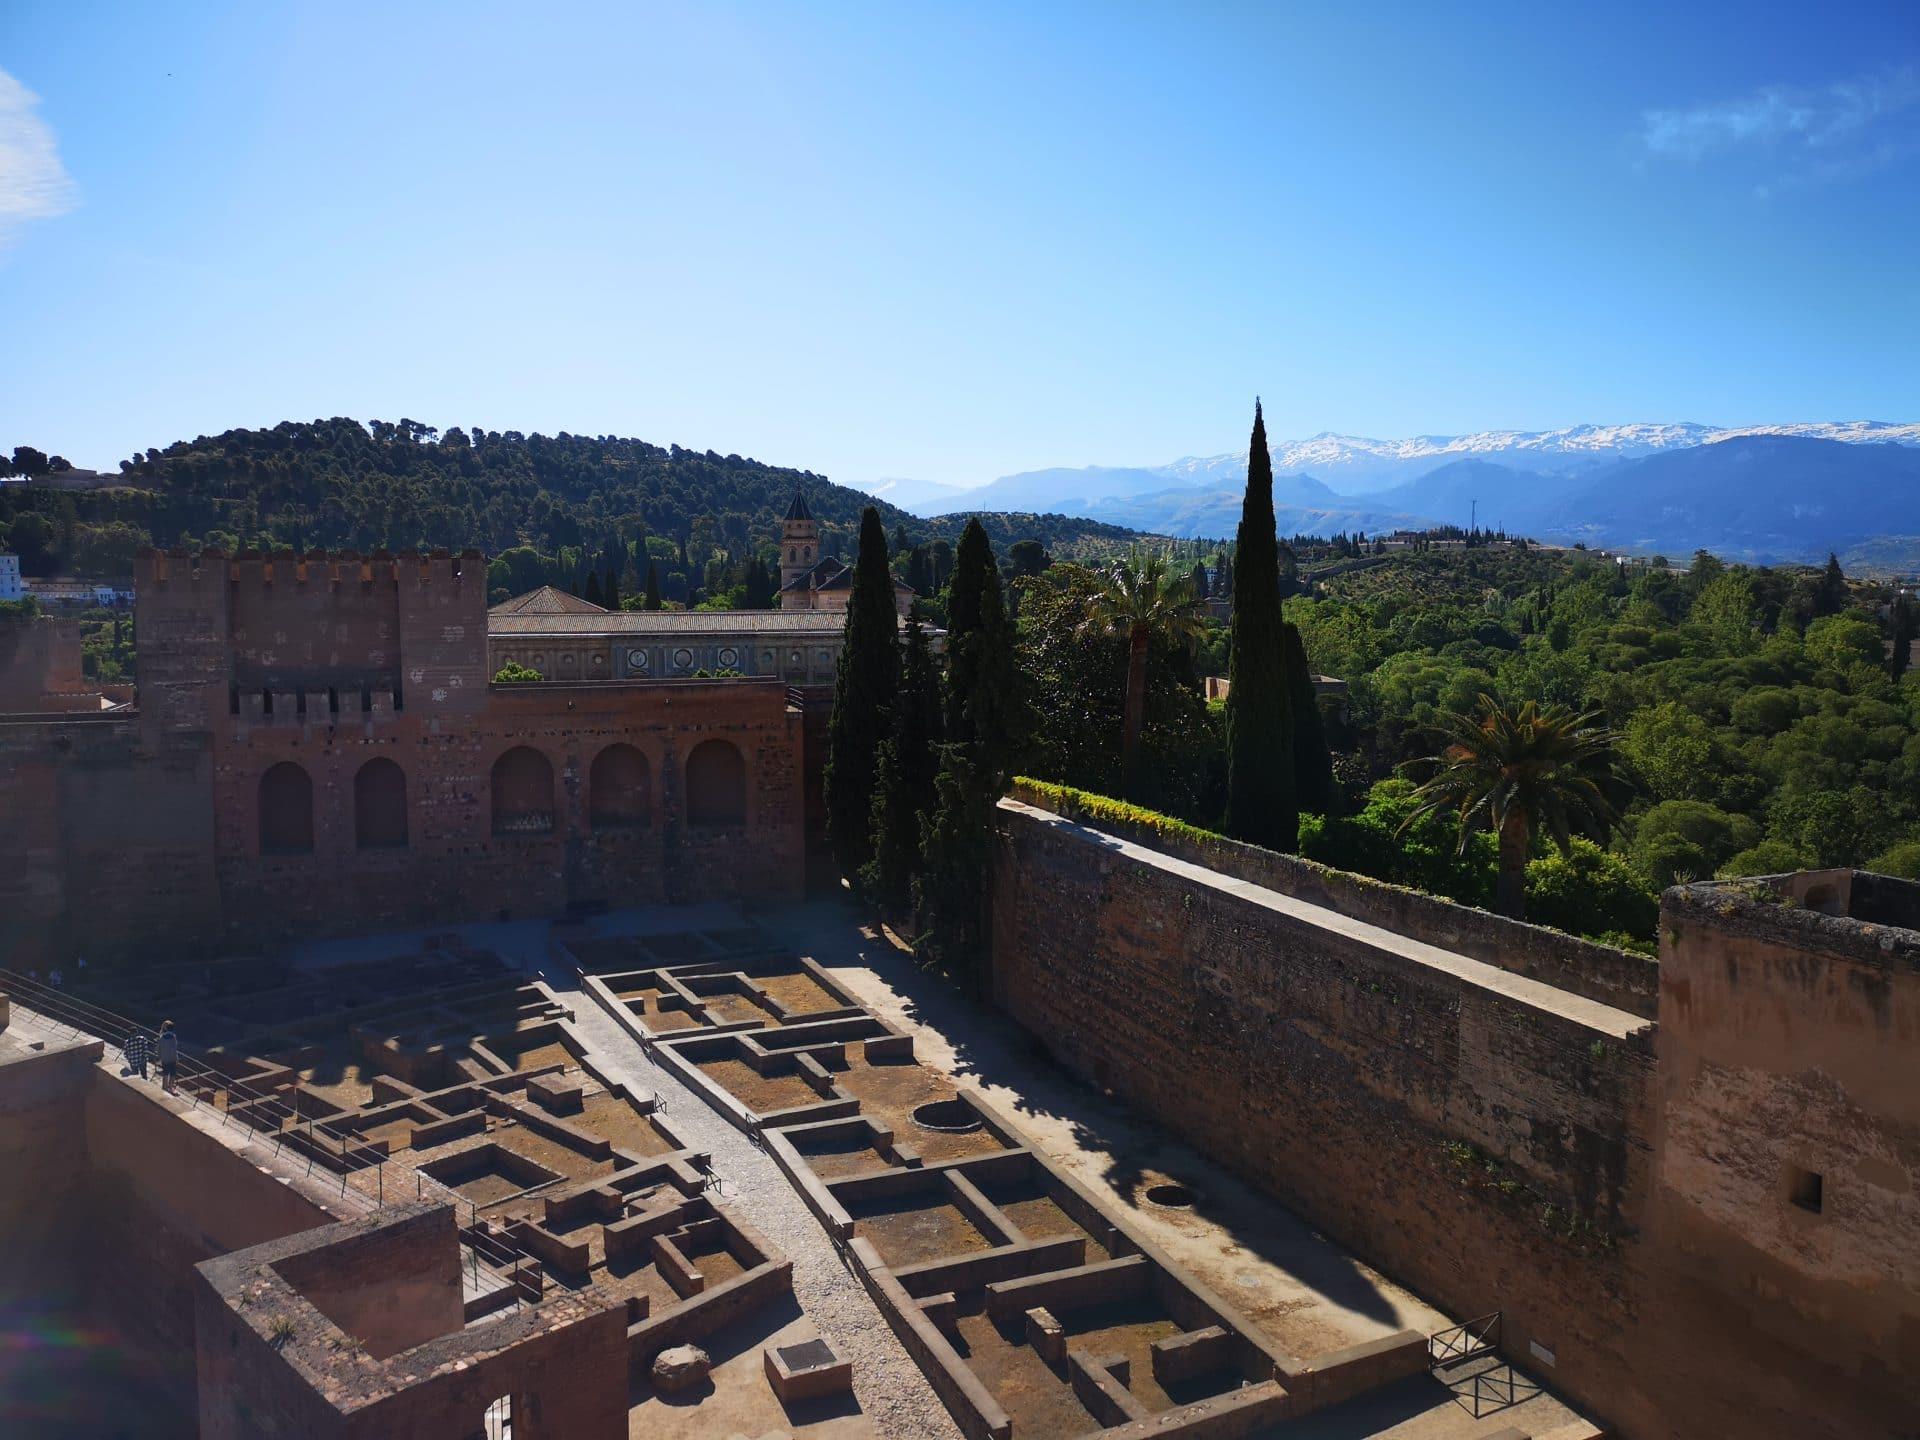 Vue sur les montagnes de la Sierra Nevada depuis l'Alhambra road trip andalousie